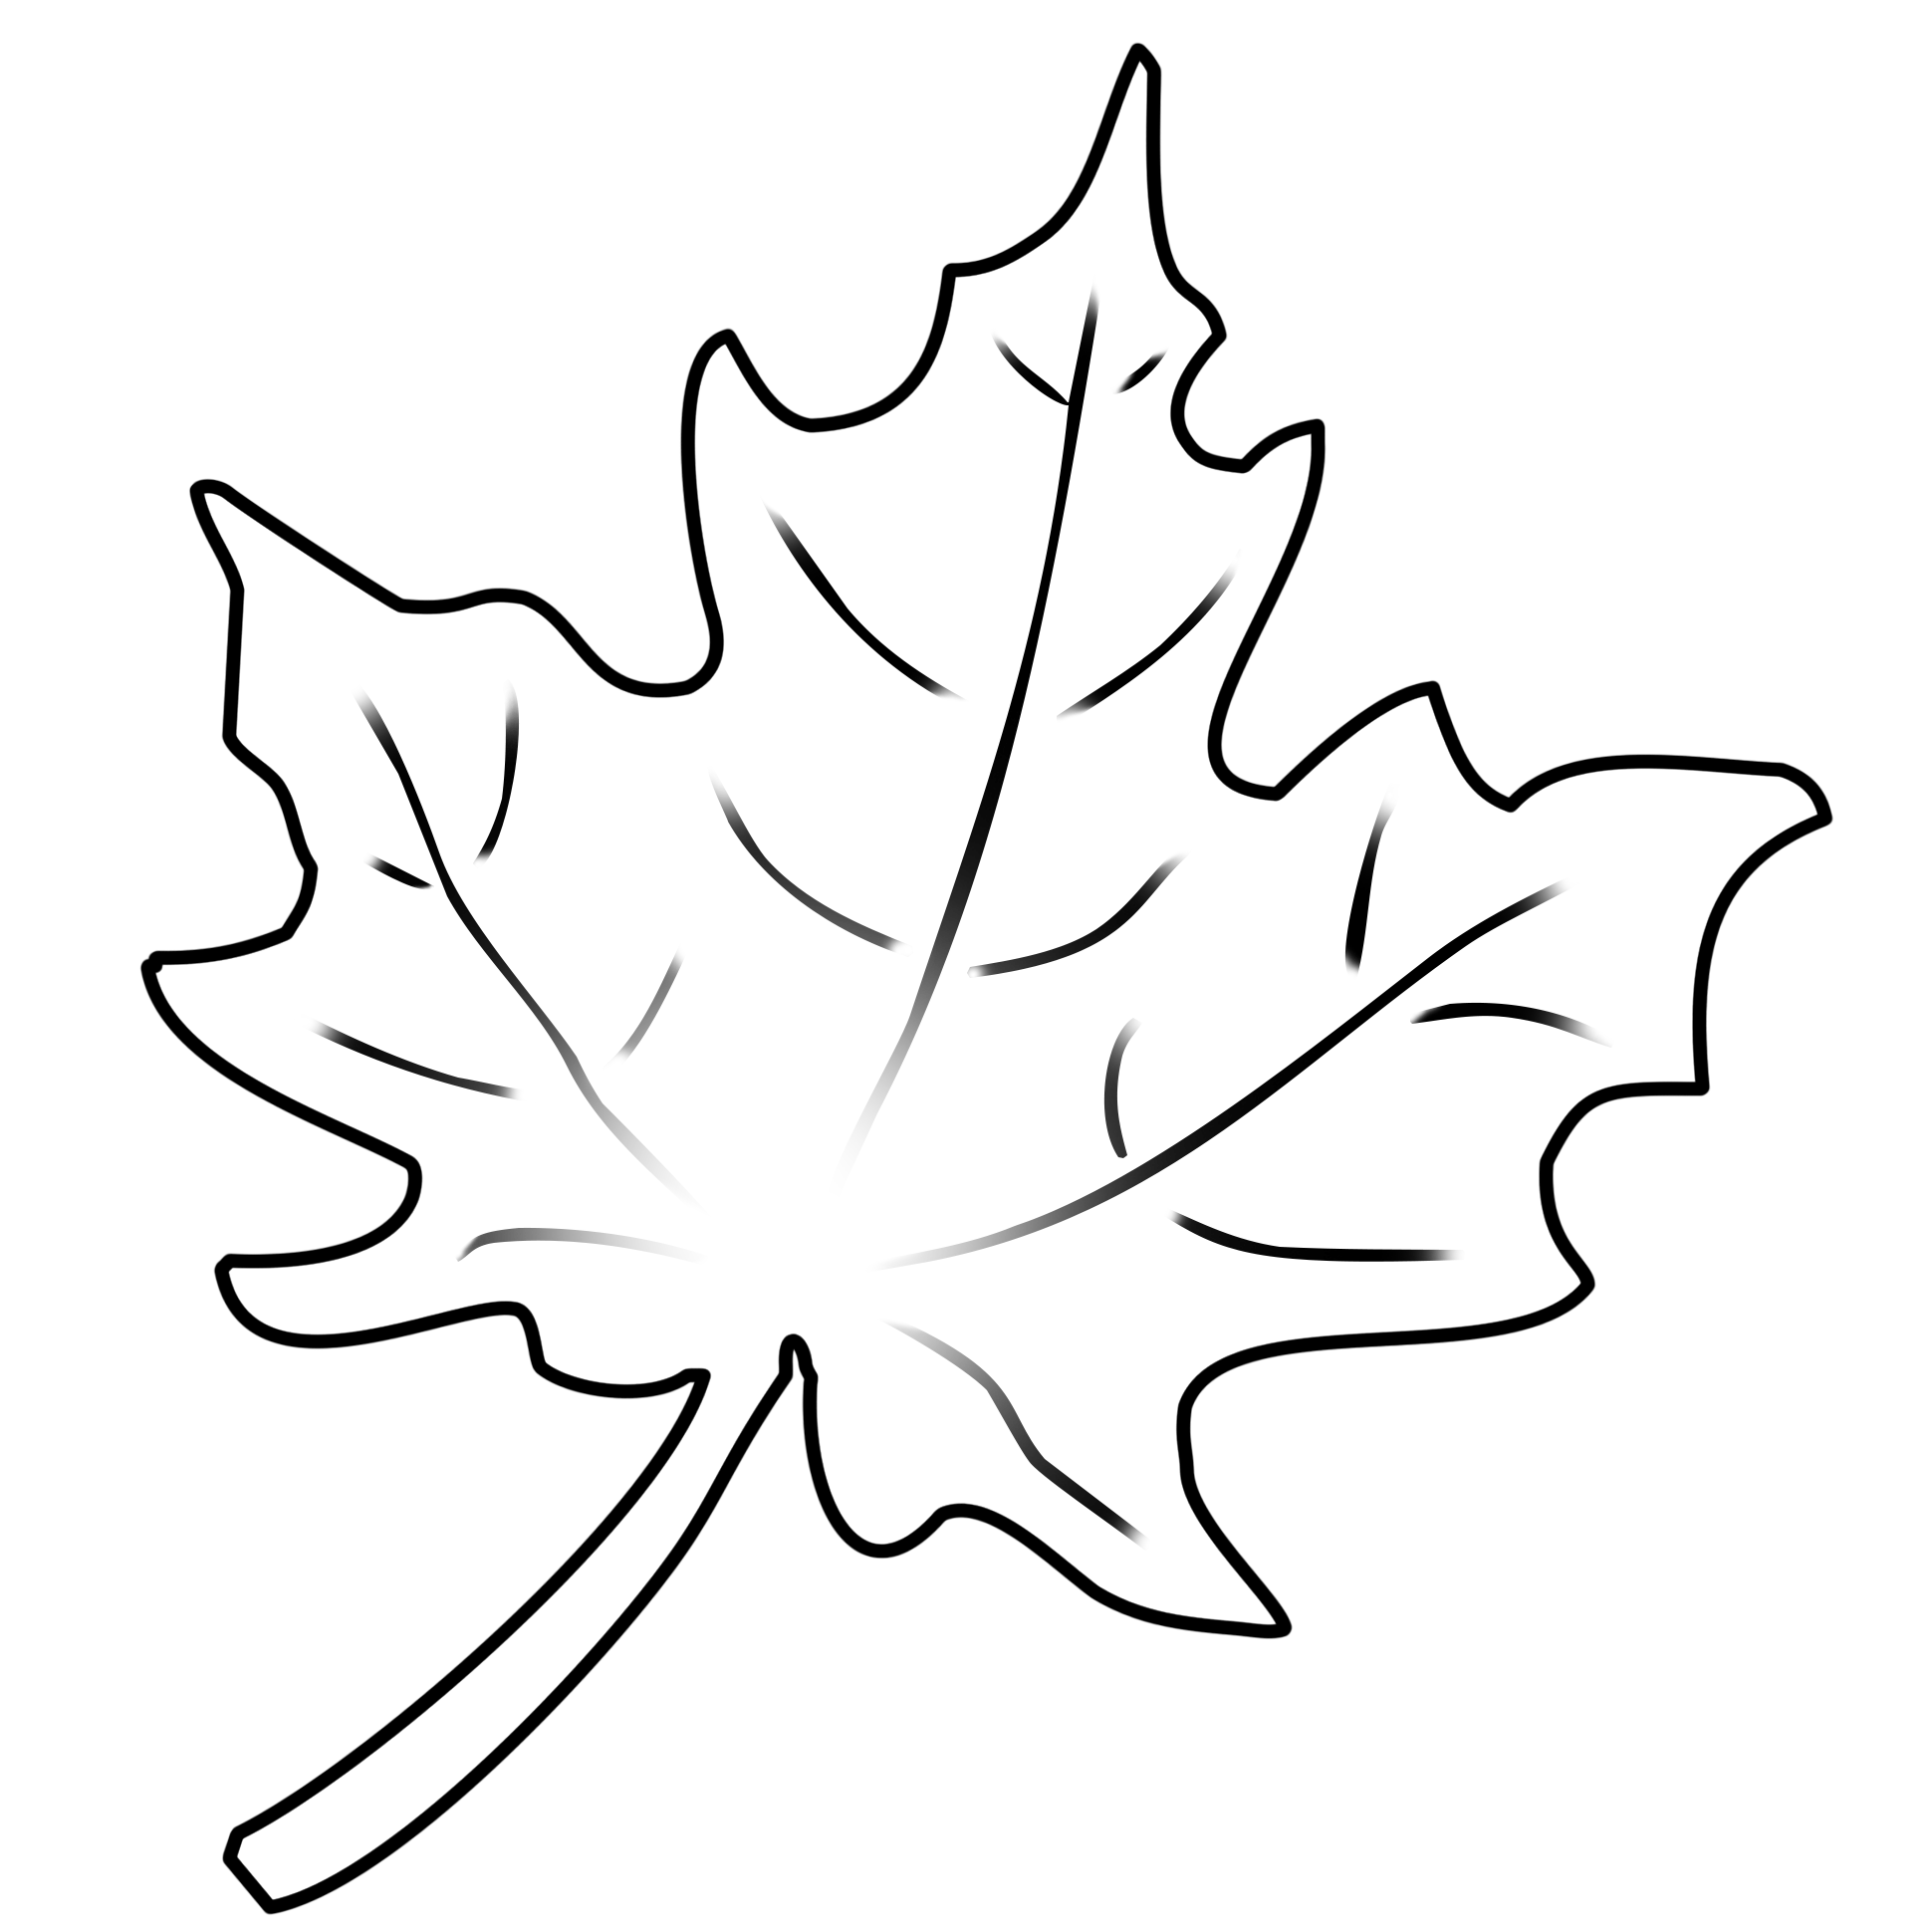 Herbstblaetter Vorlagen 2 Herbstblatter Vorlagen Blattzeichnung Herbst Blatter